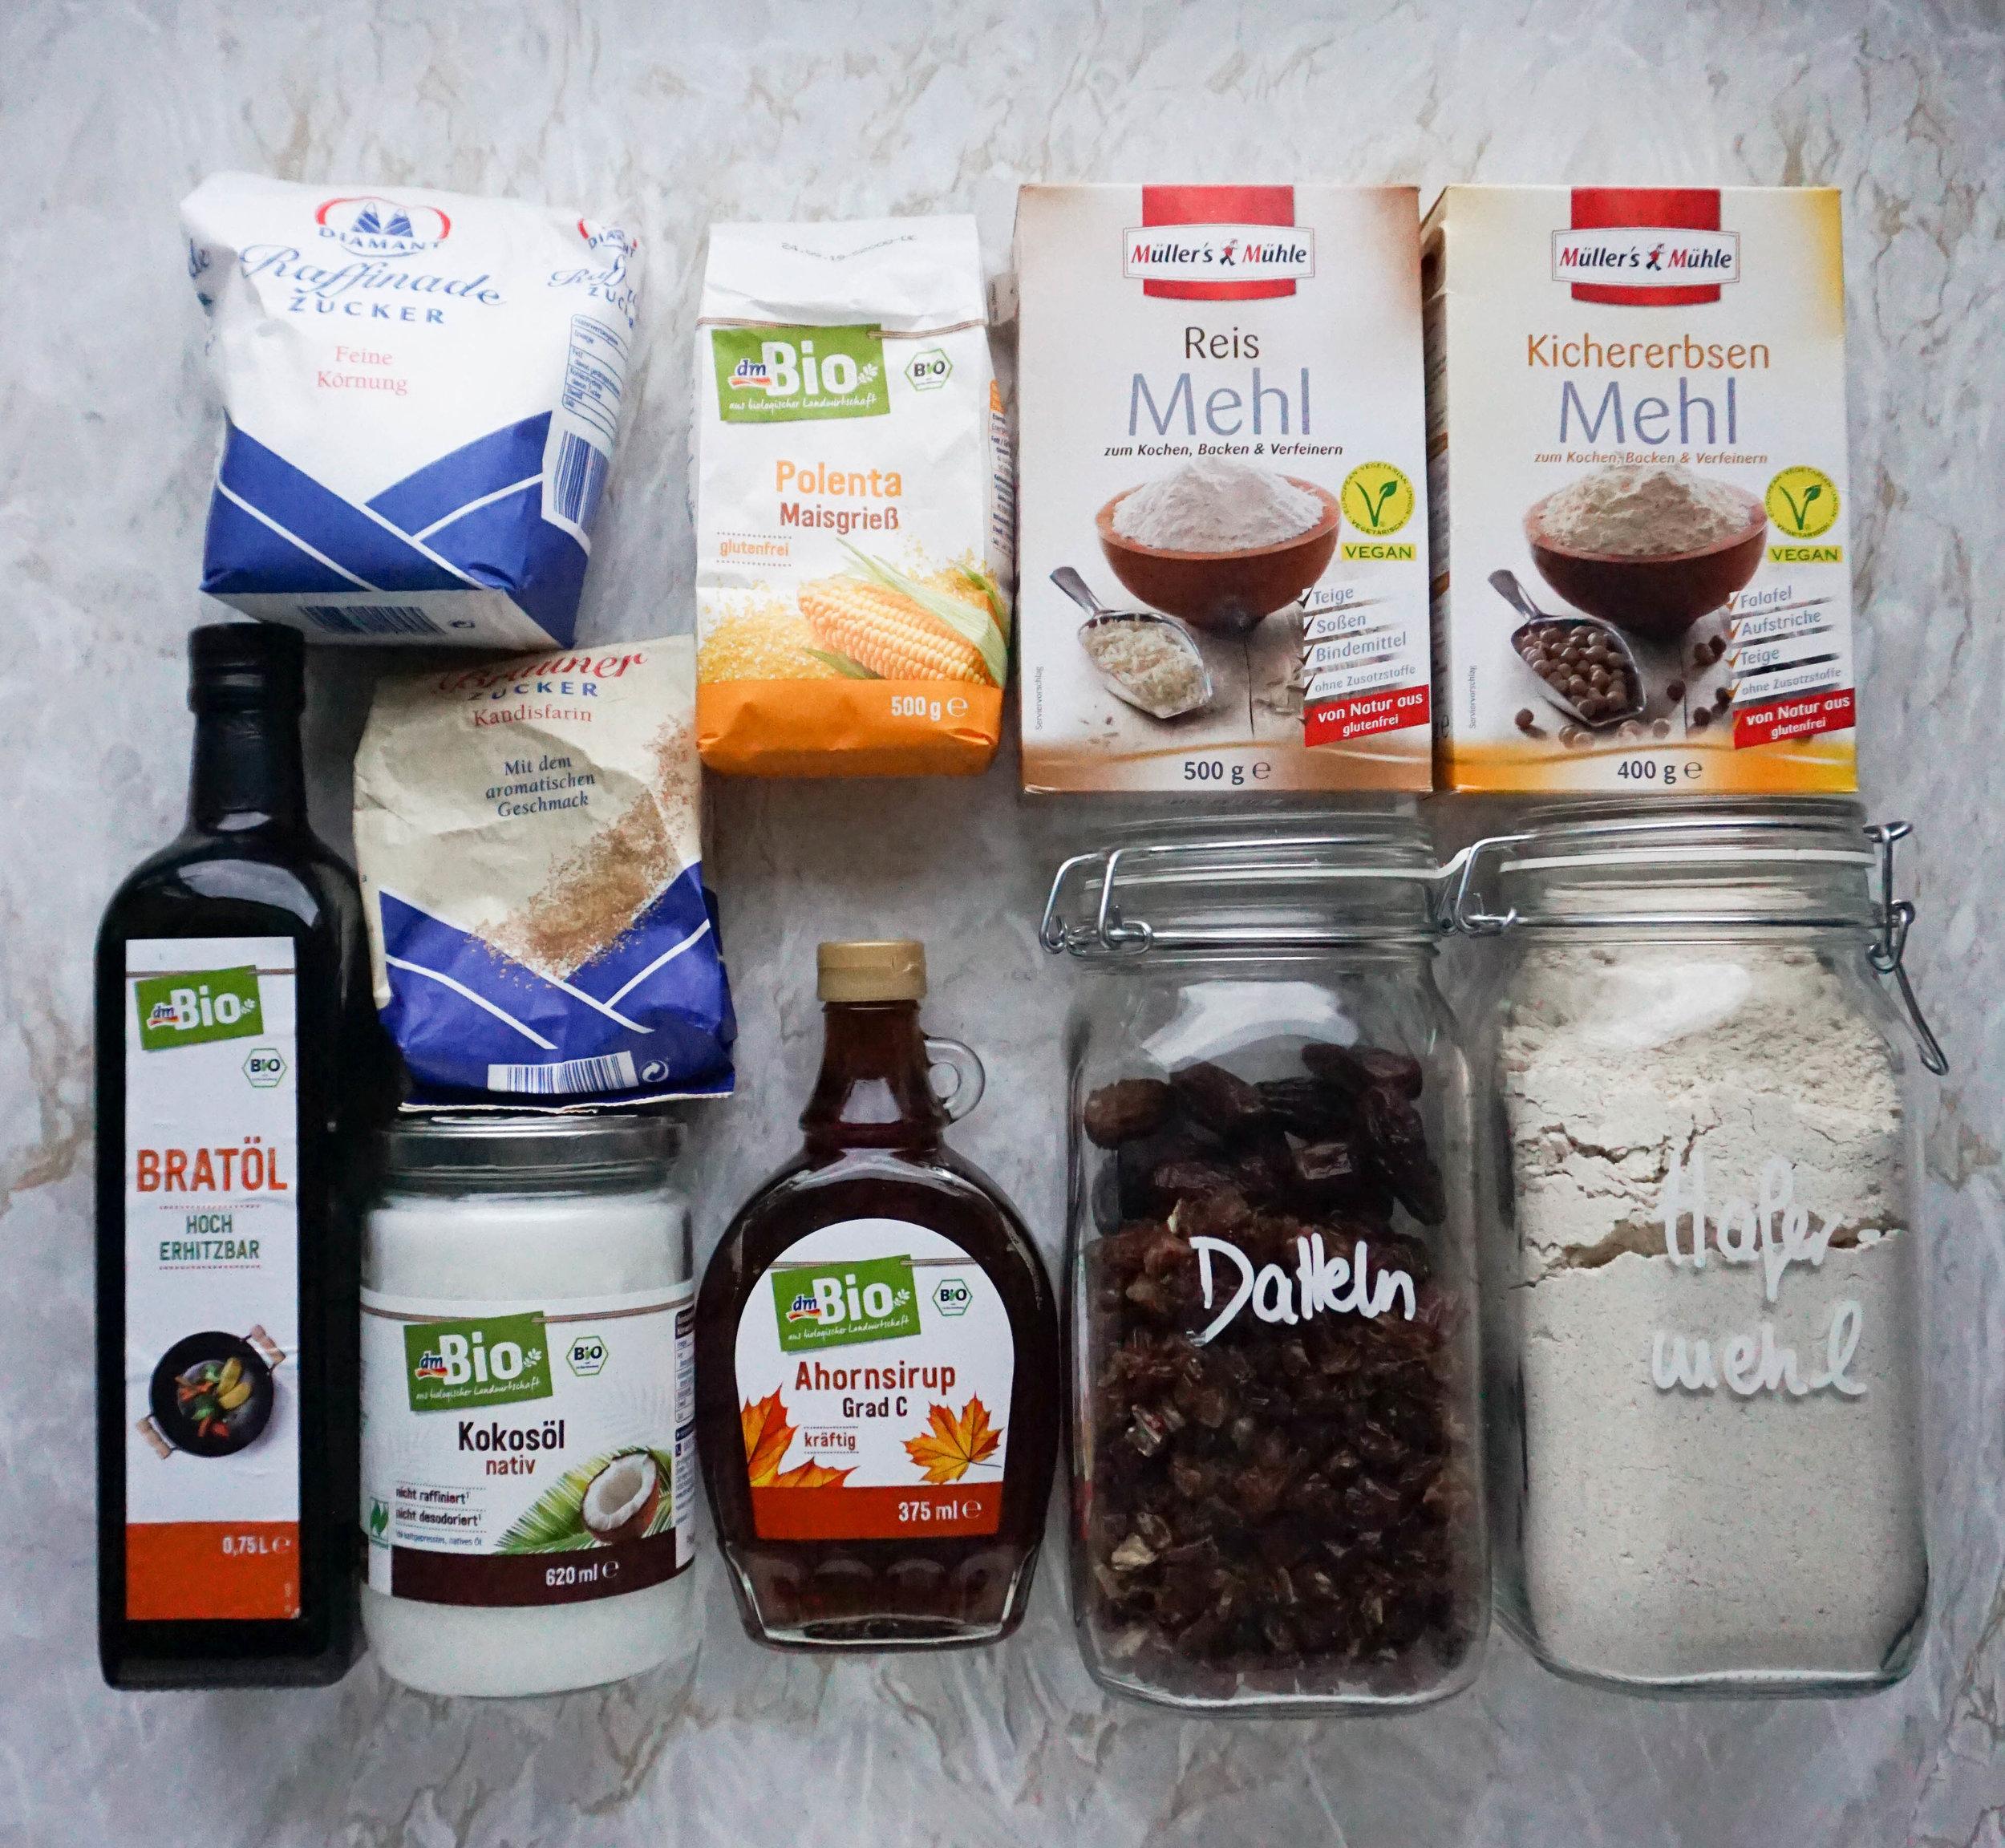 Plastikfrei Backen 101 - meine Tipps für nachhaltigere Zutaten ohne Unverpackt Laden (Vegan & Glutenfrei).jpg